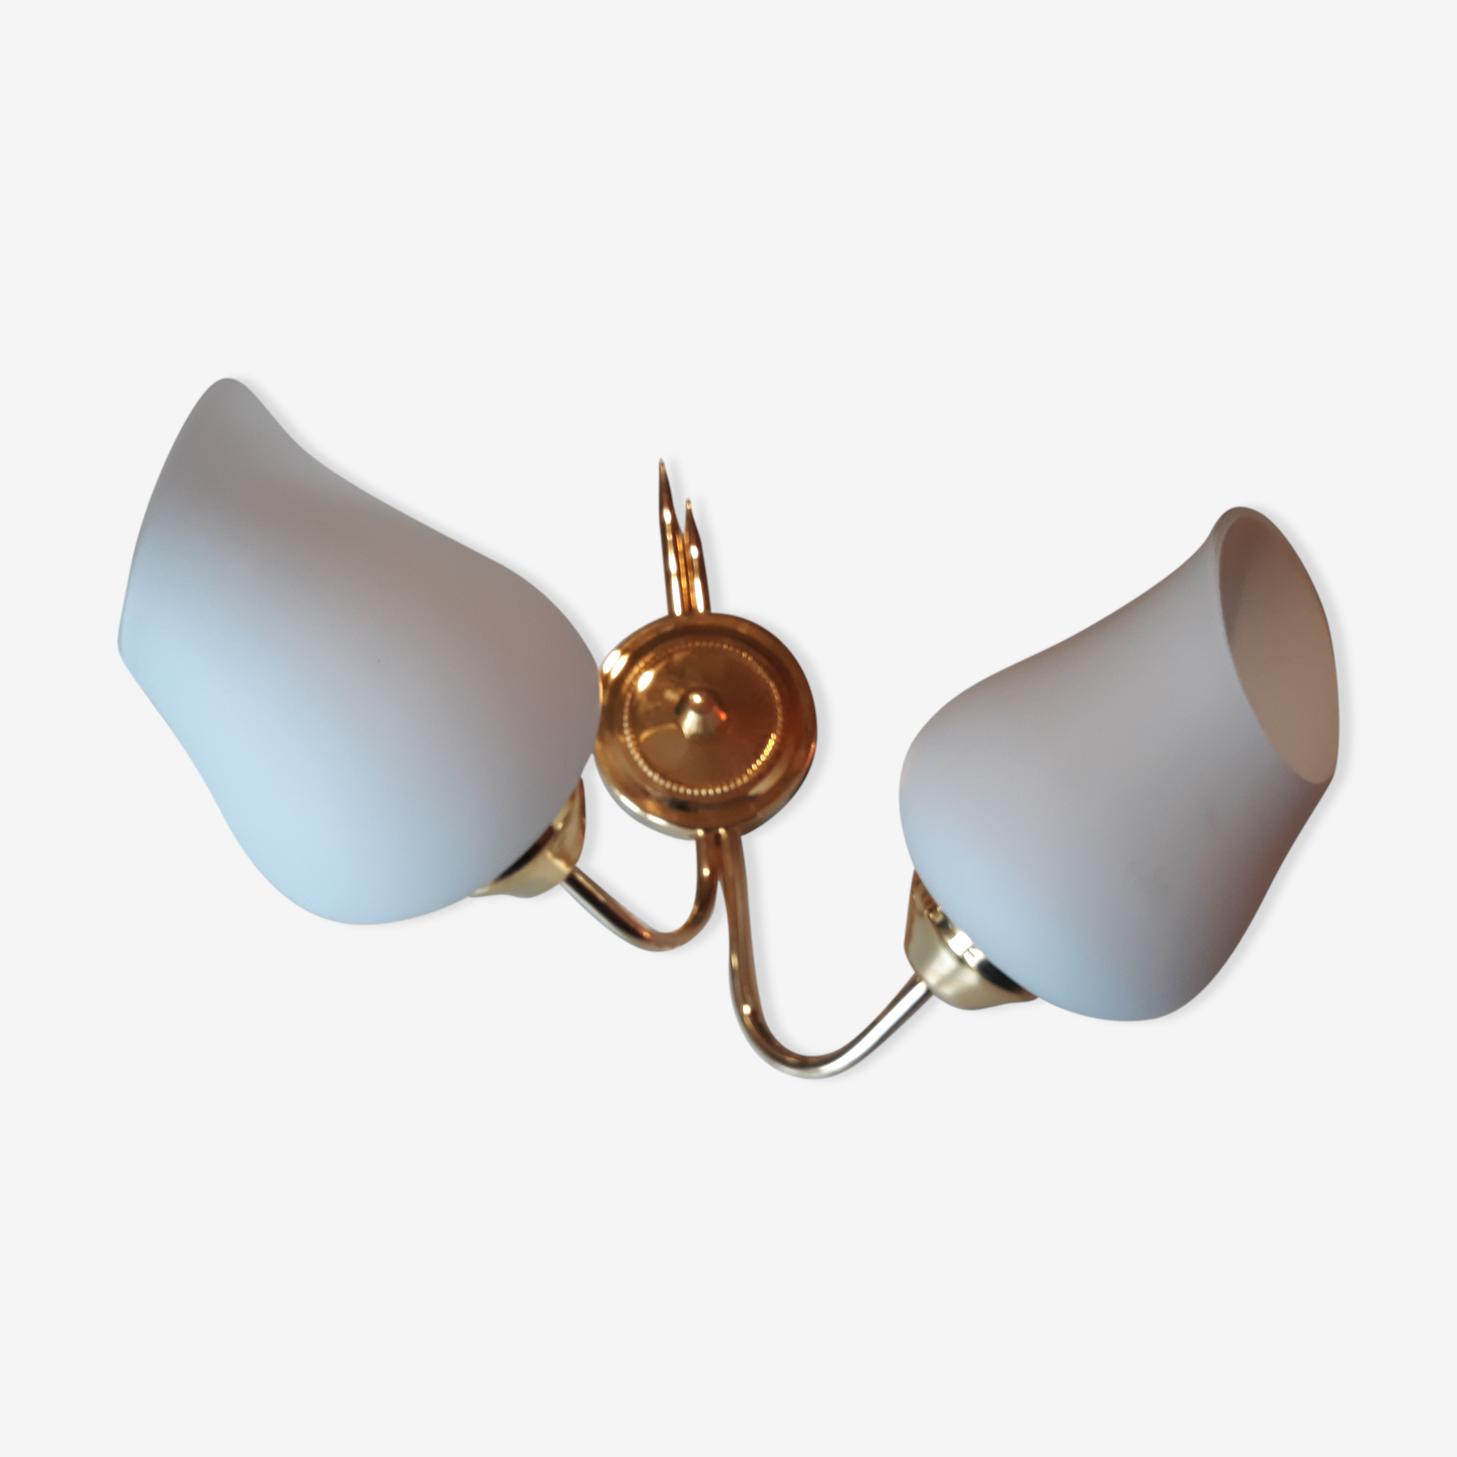 Applique double en métal doré et opaline années 60